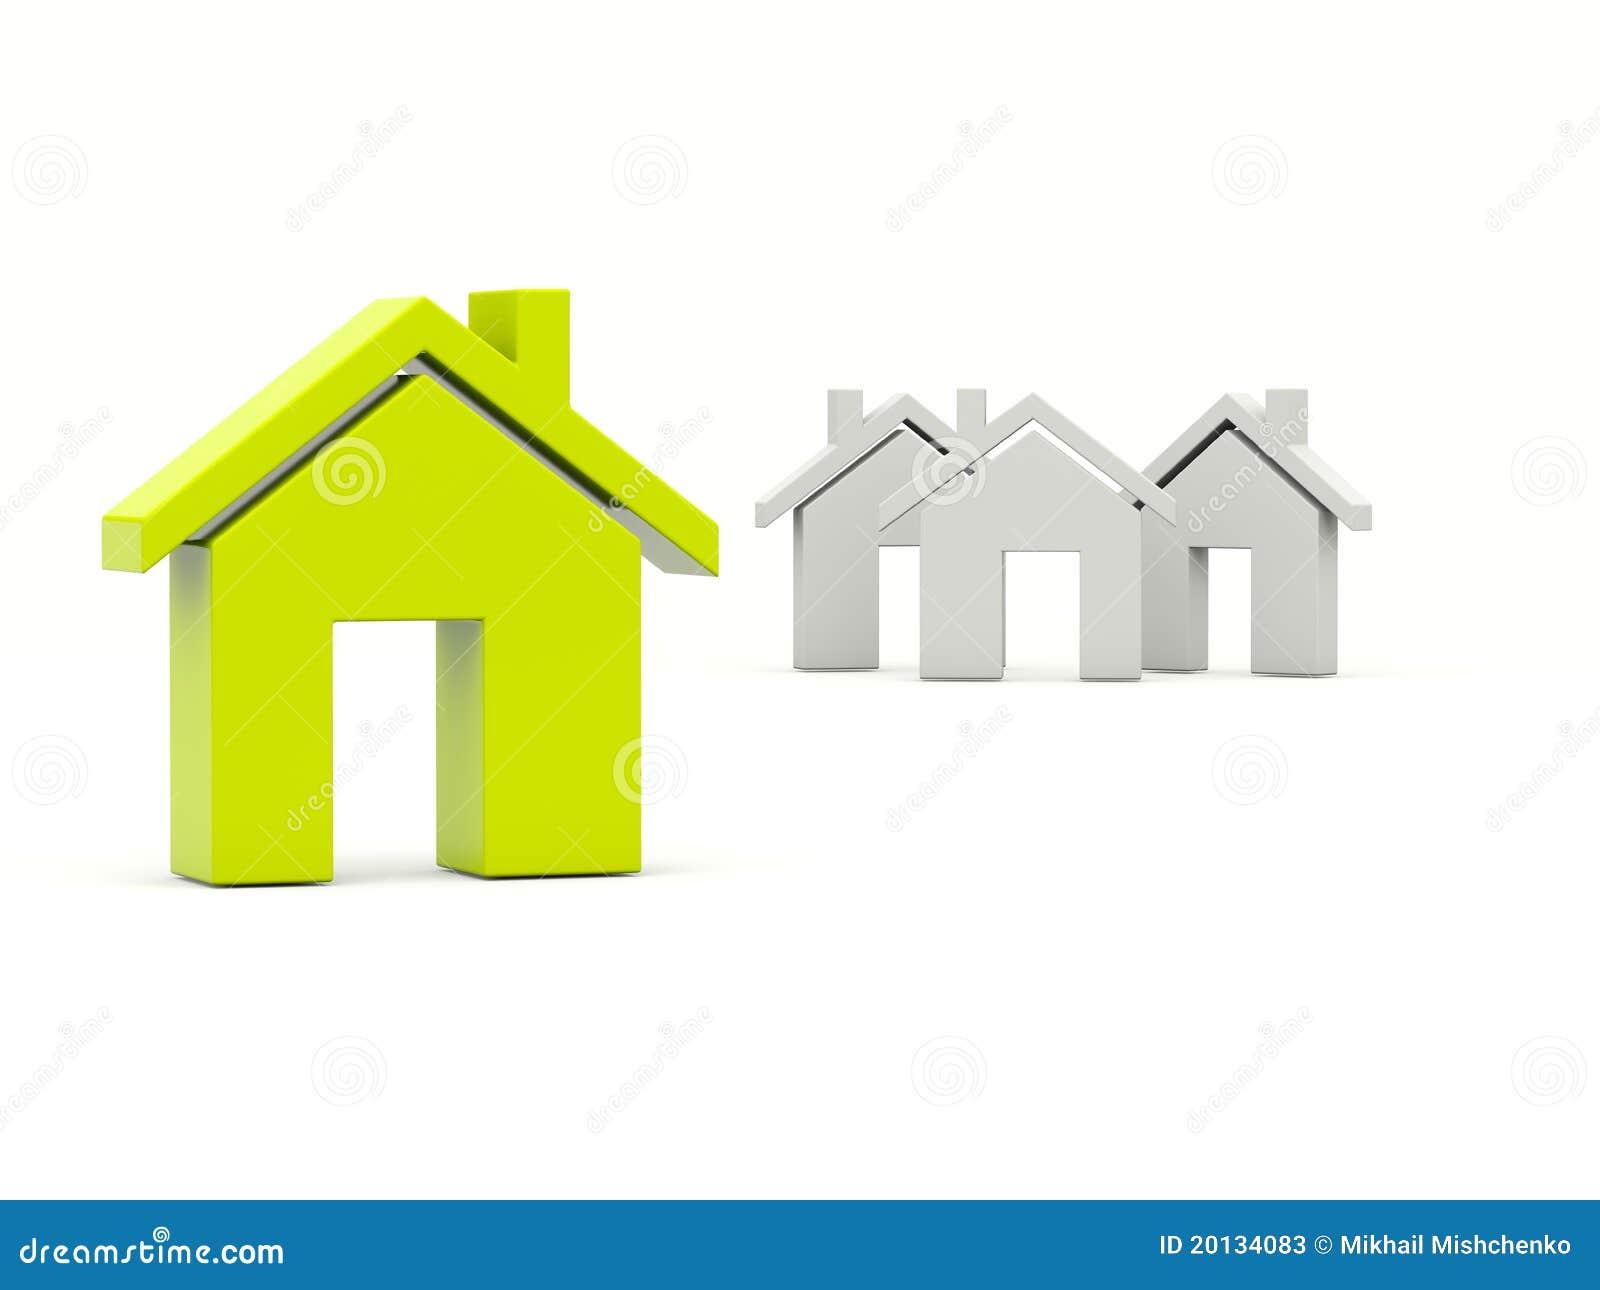 Groen huis over grijze huizen stock illustratie afbeelding 20134083 - Groen huis model ...